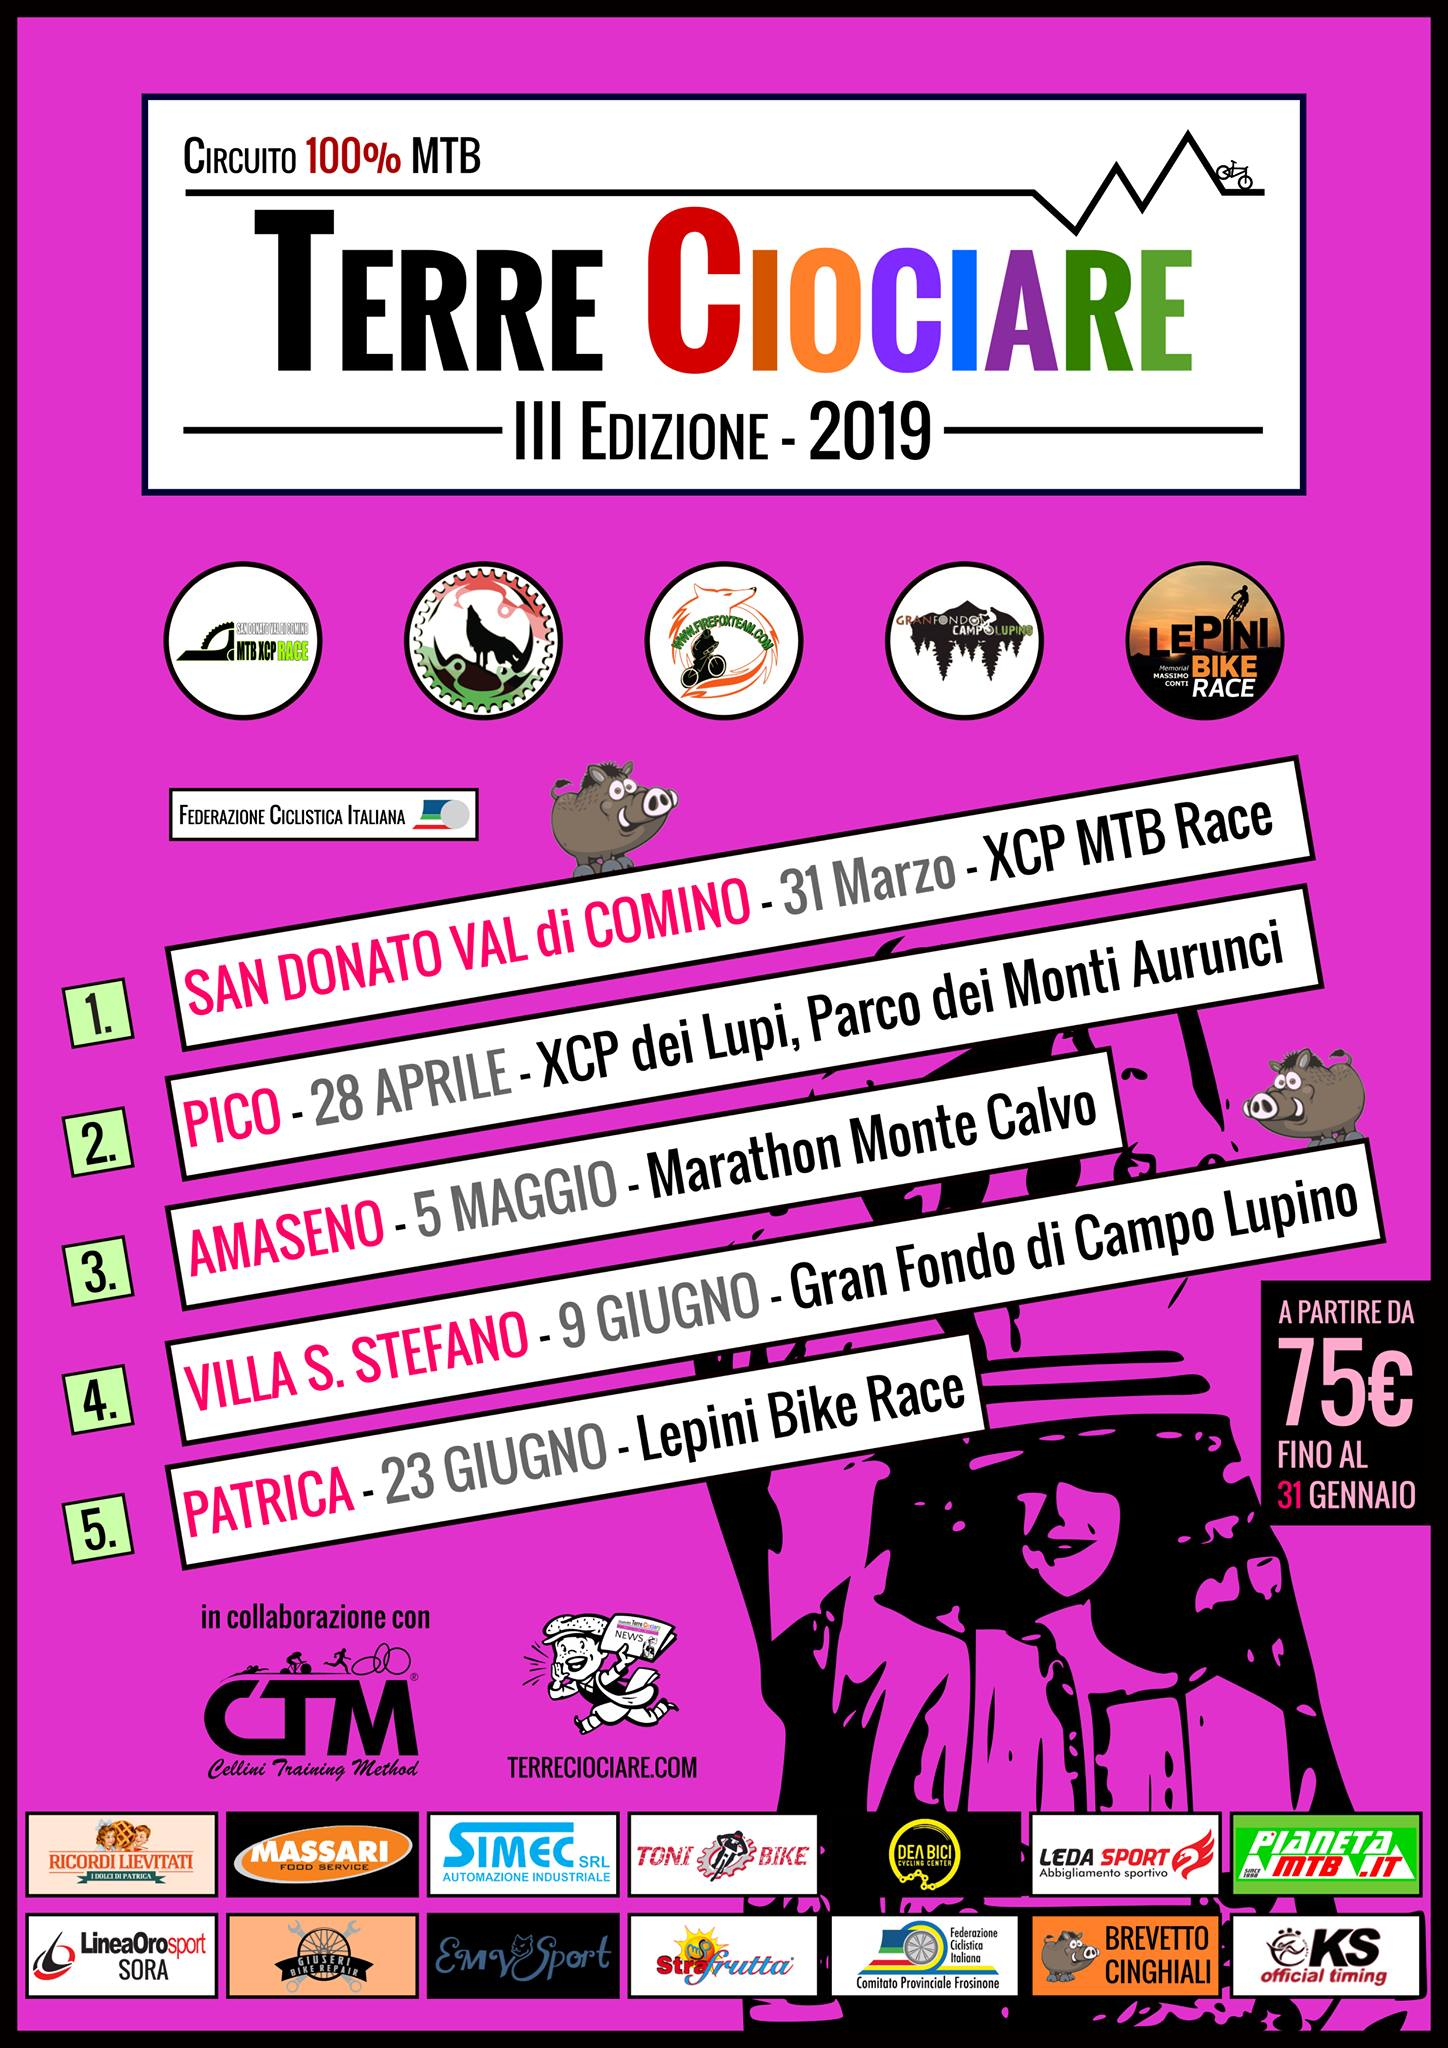 San Donato Val di Comino MTB XCP Race